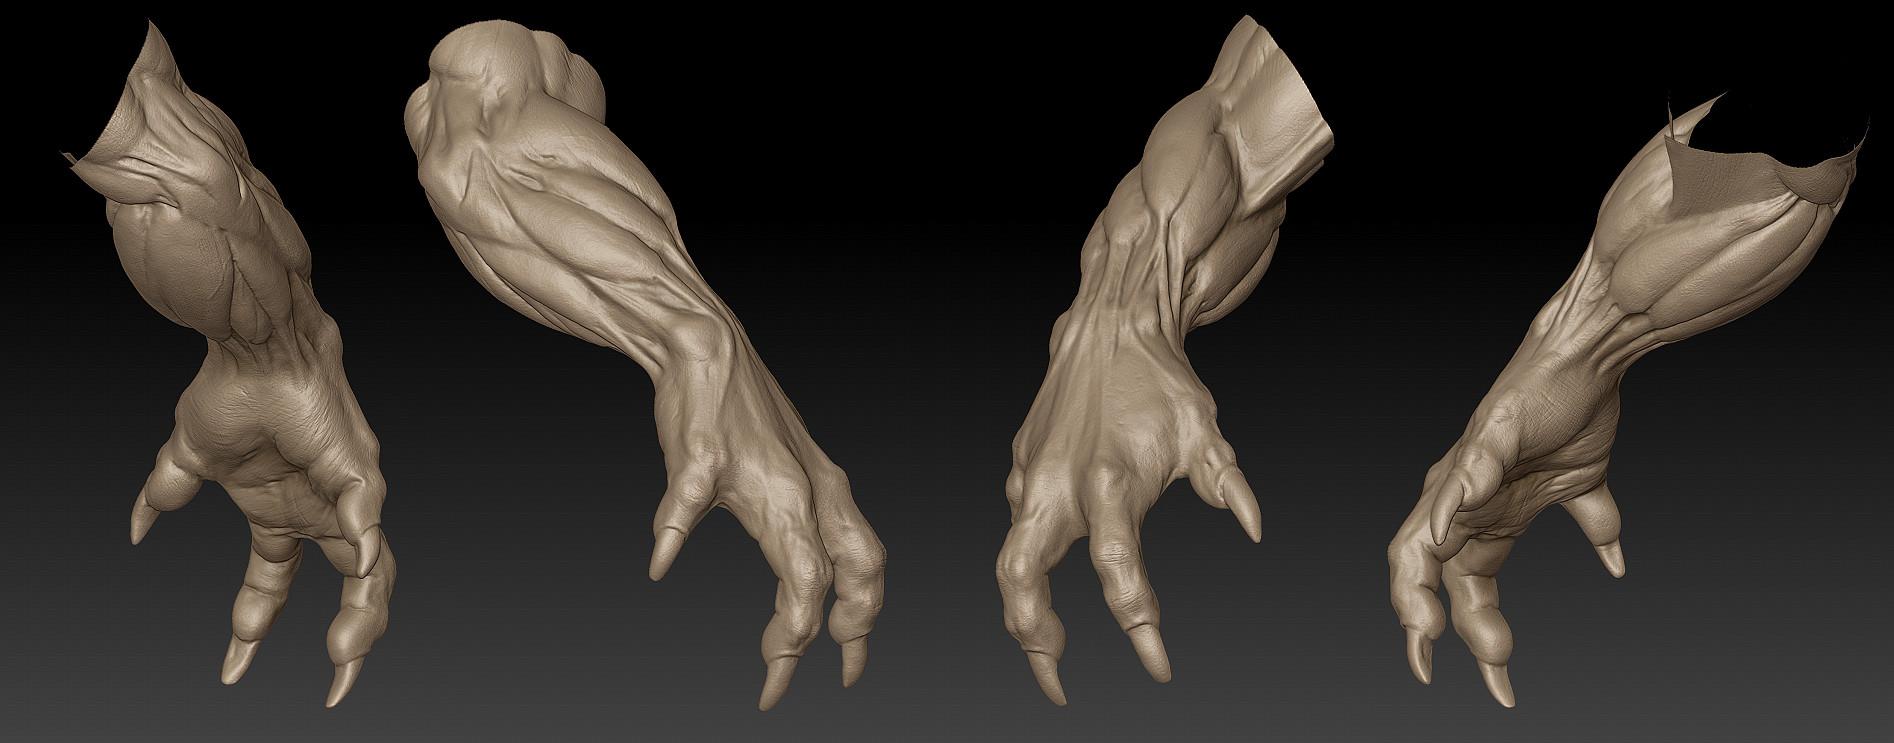 Tinko wiezorrek hands